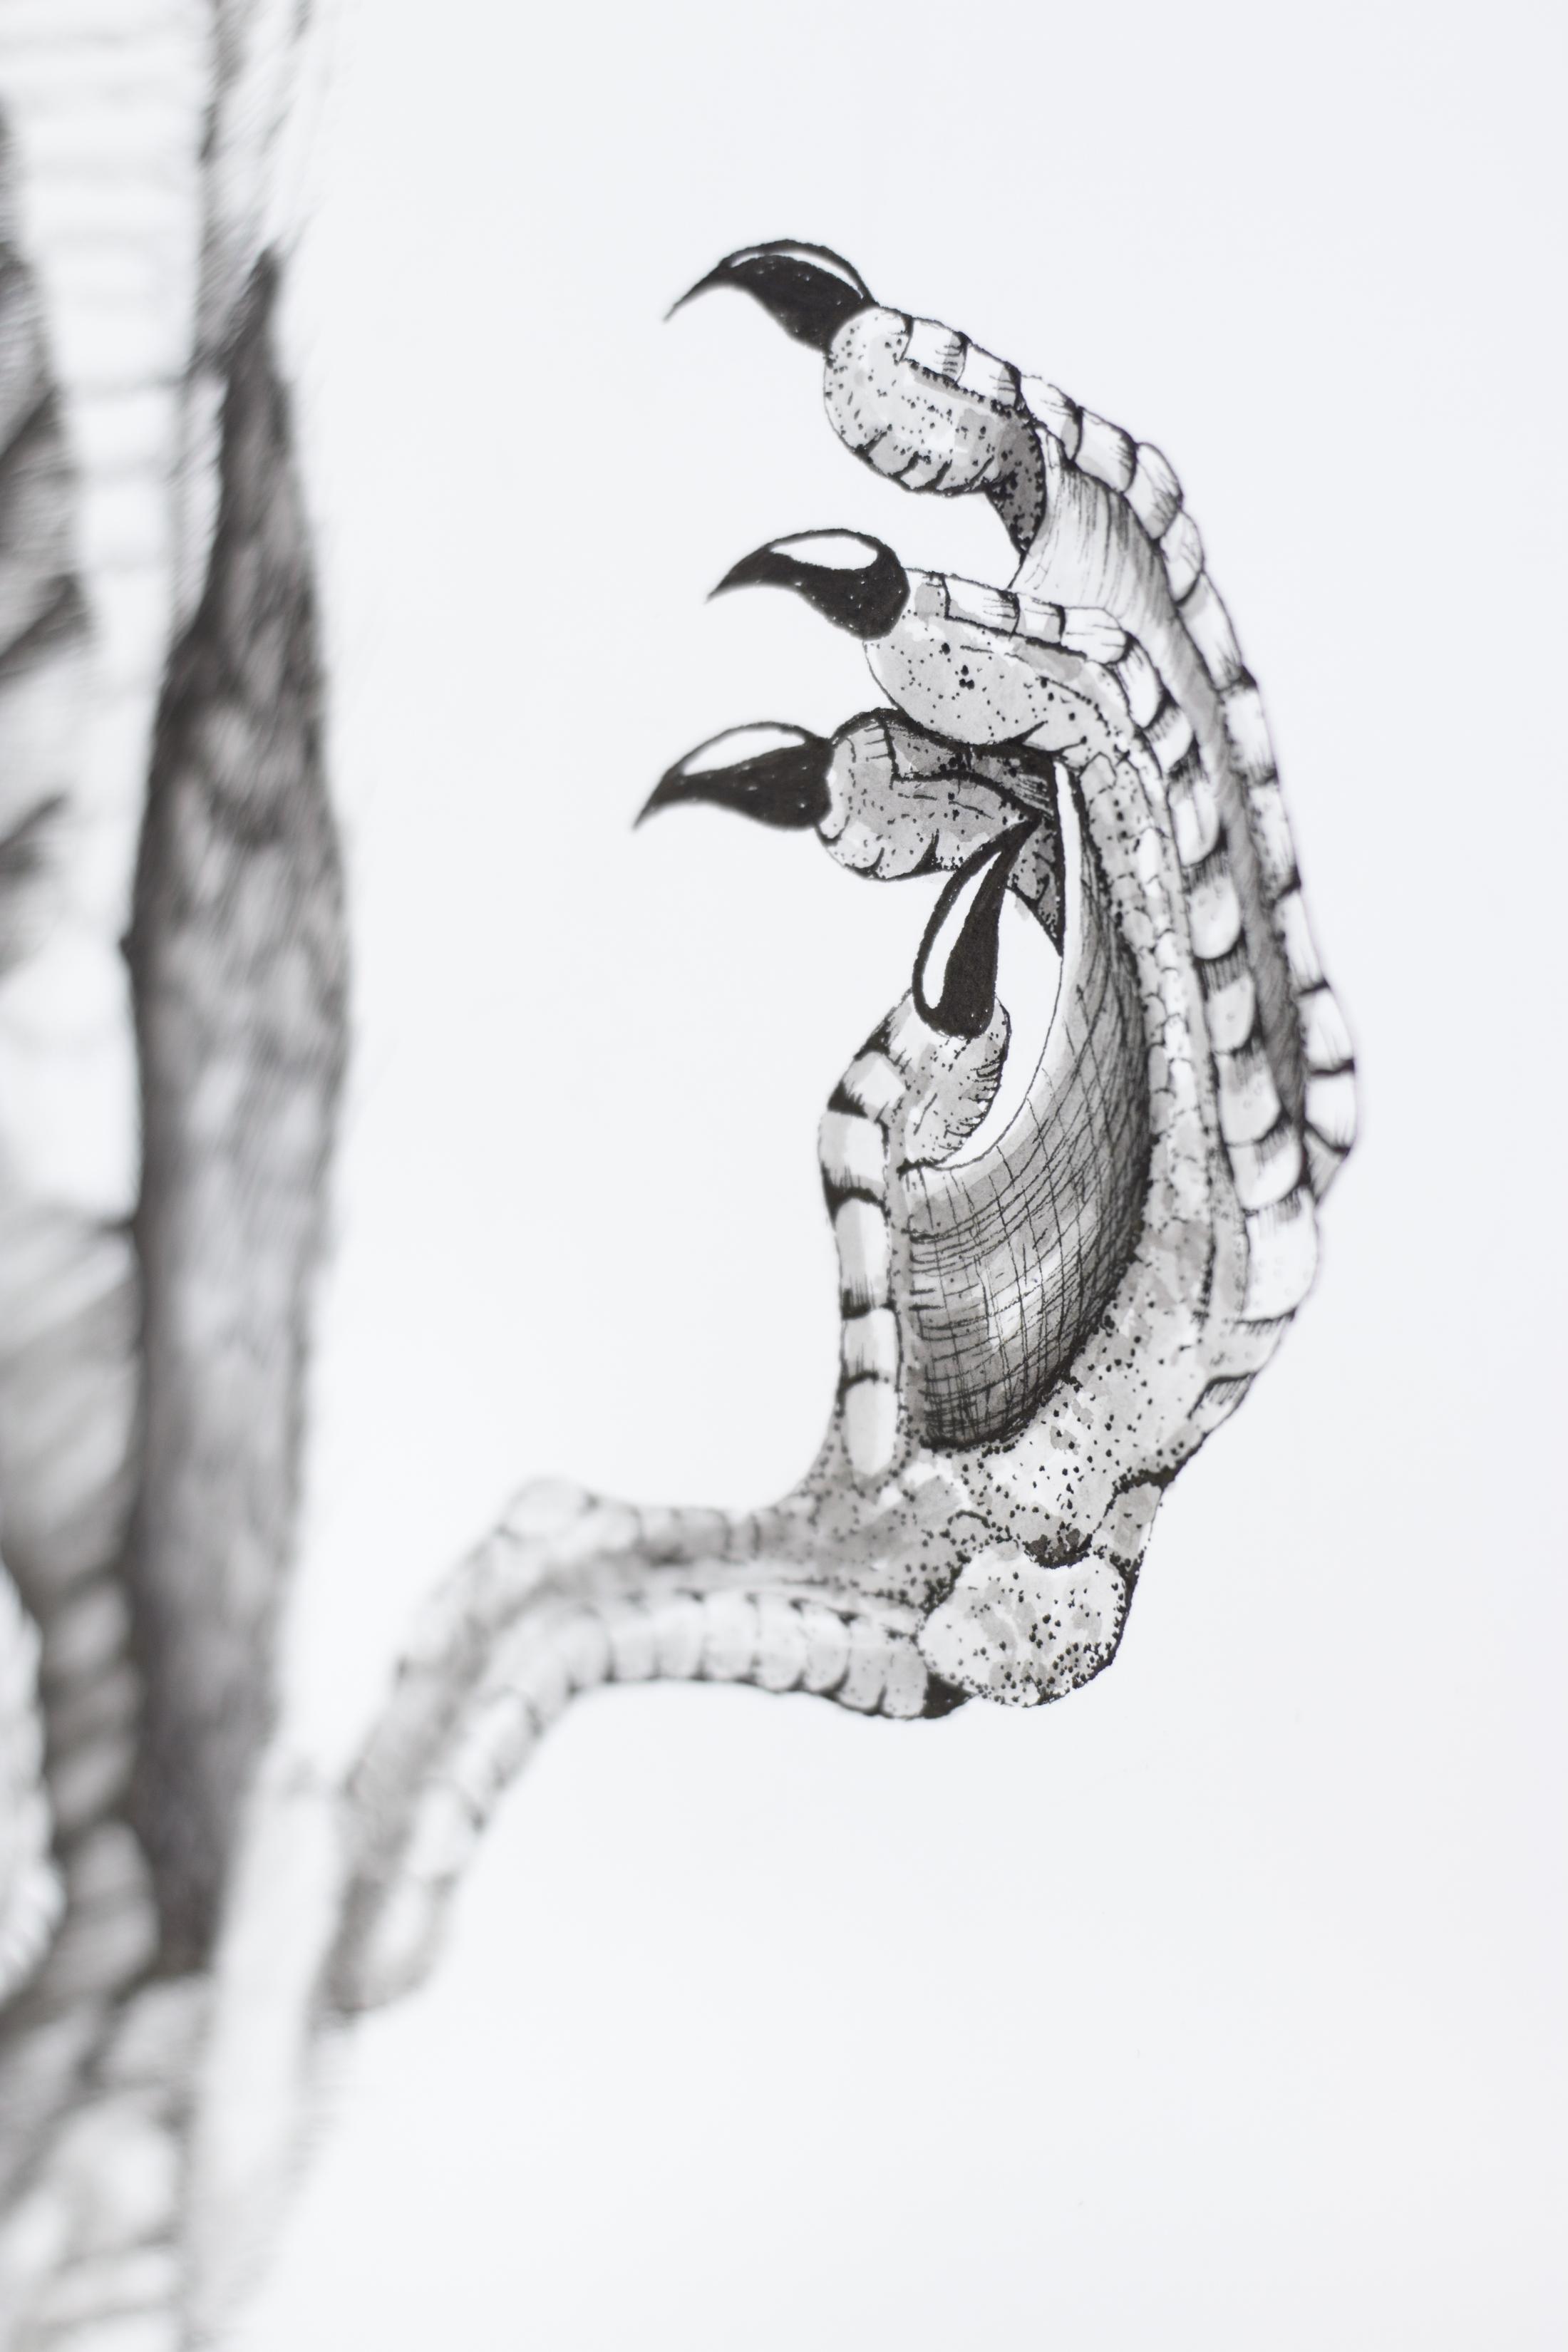 Pelecanus Occidentalis (Detail Shot)